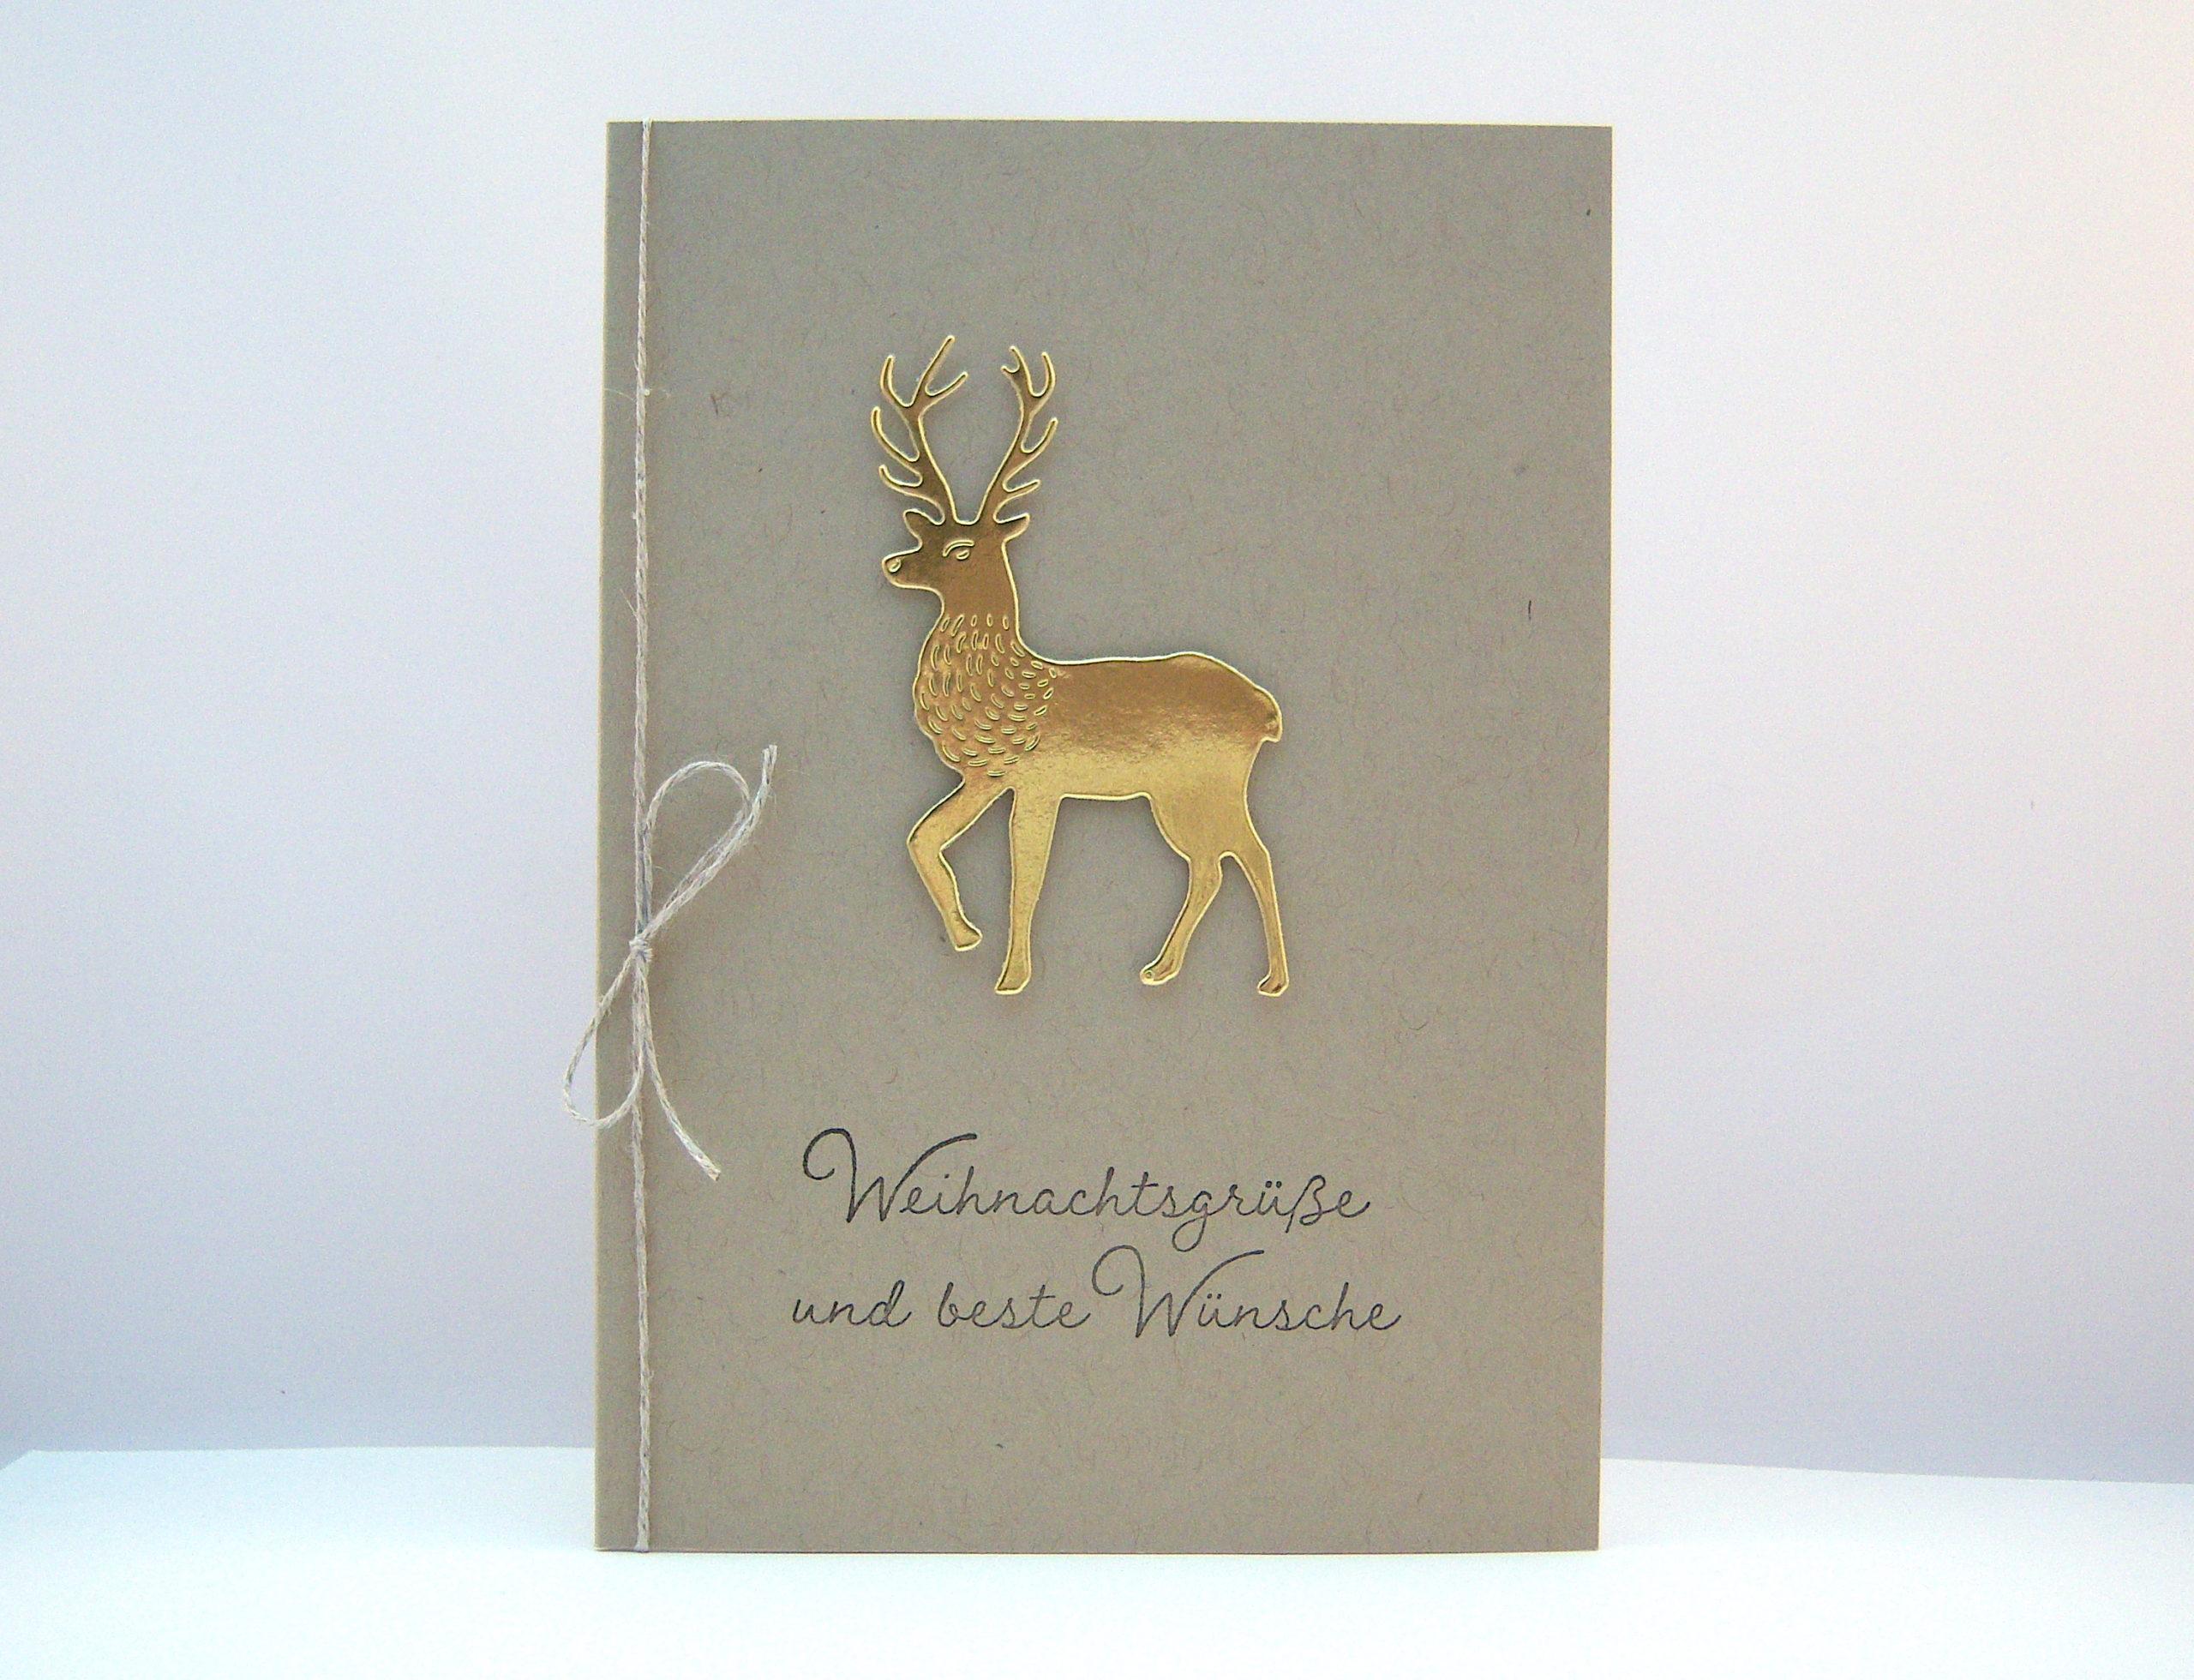 Weihnachten - Weihnachtskarte -Goldender Hirsch- Bild 1